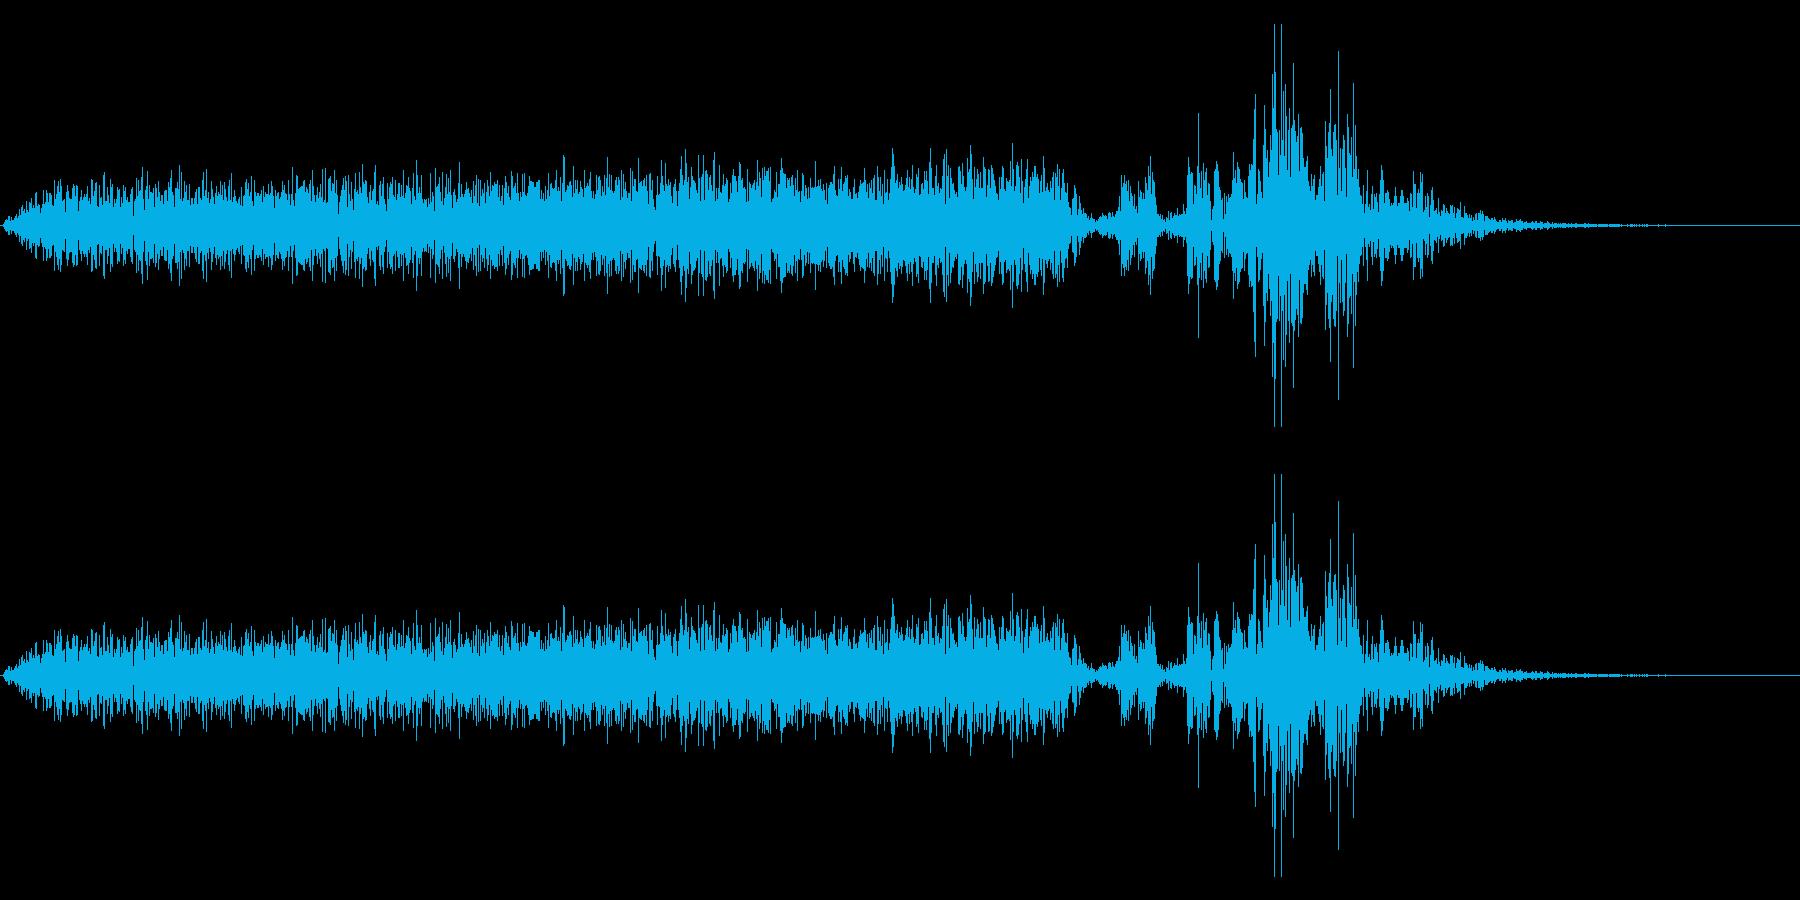 【生録音】本のページをめくる音 6の再生済みの波形